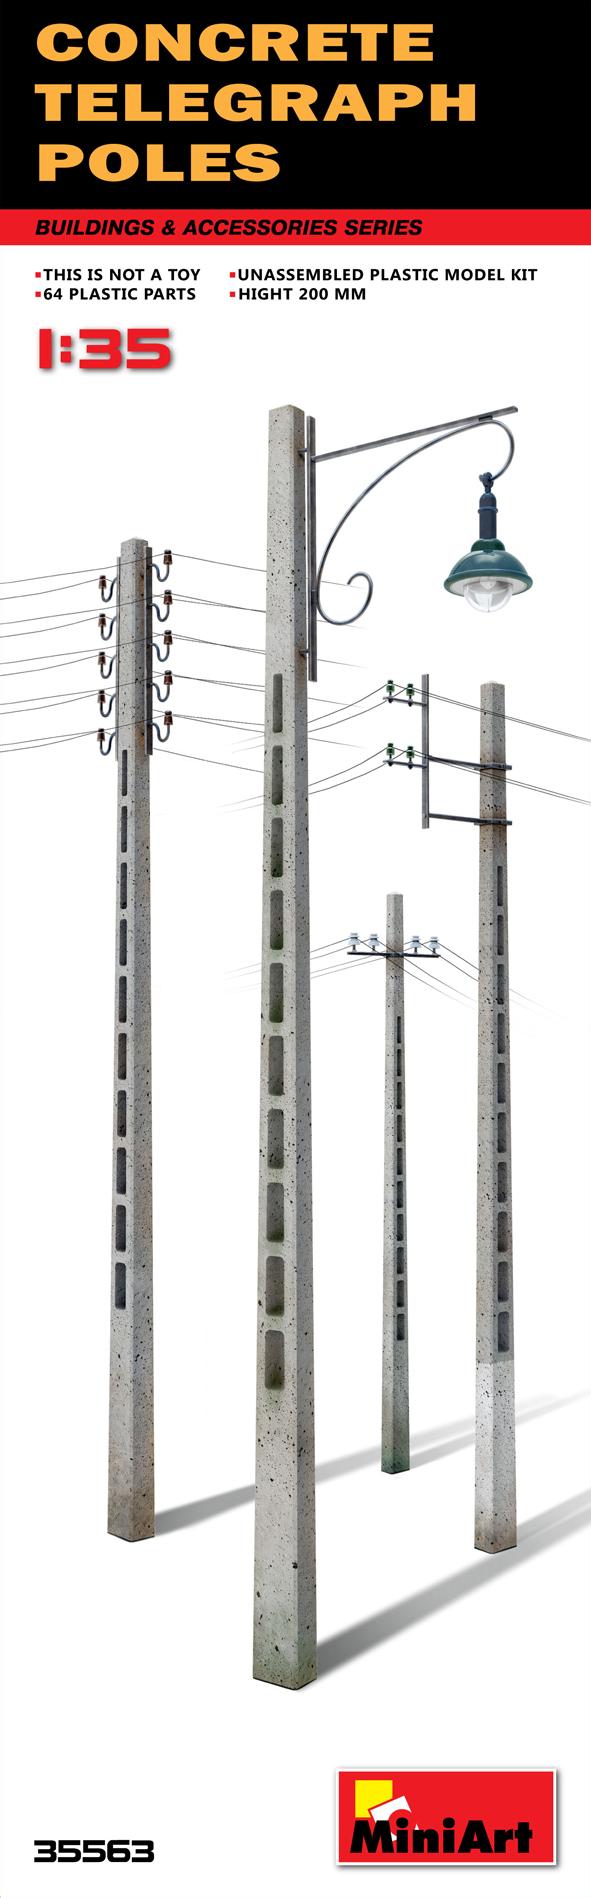 MiniArt 1/35 Concrete Telegraph Poles